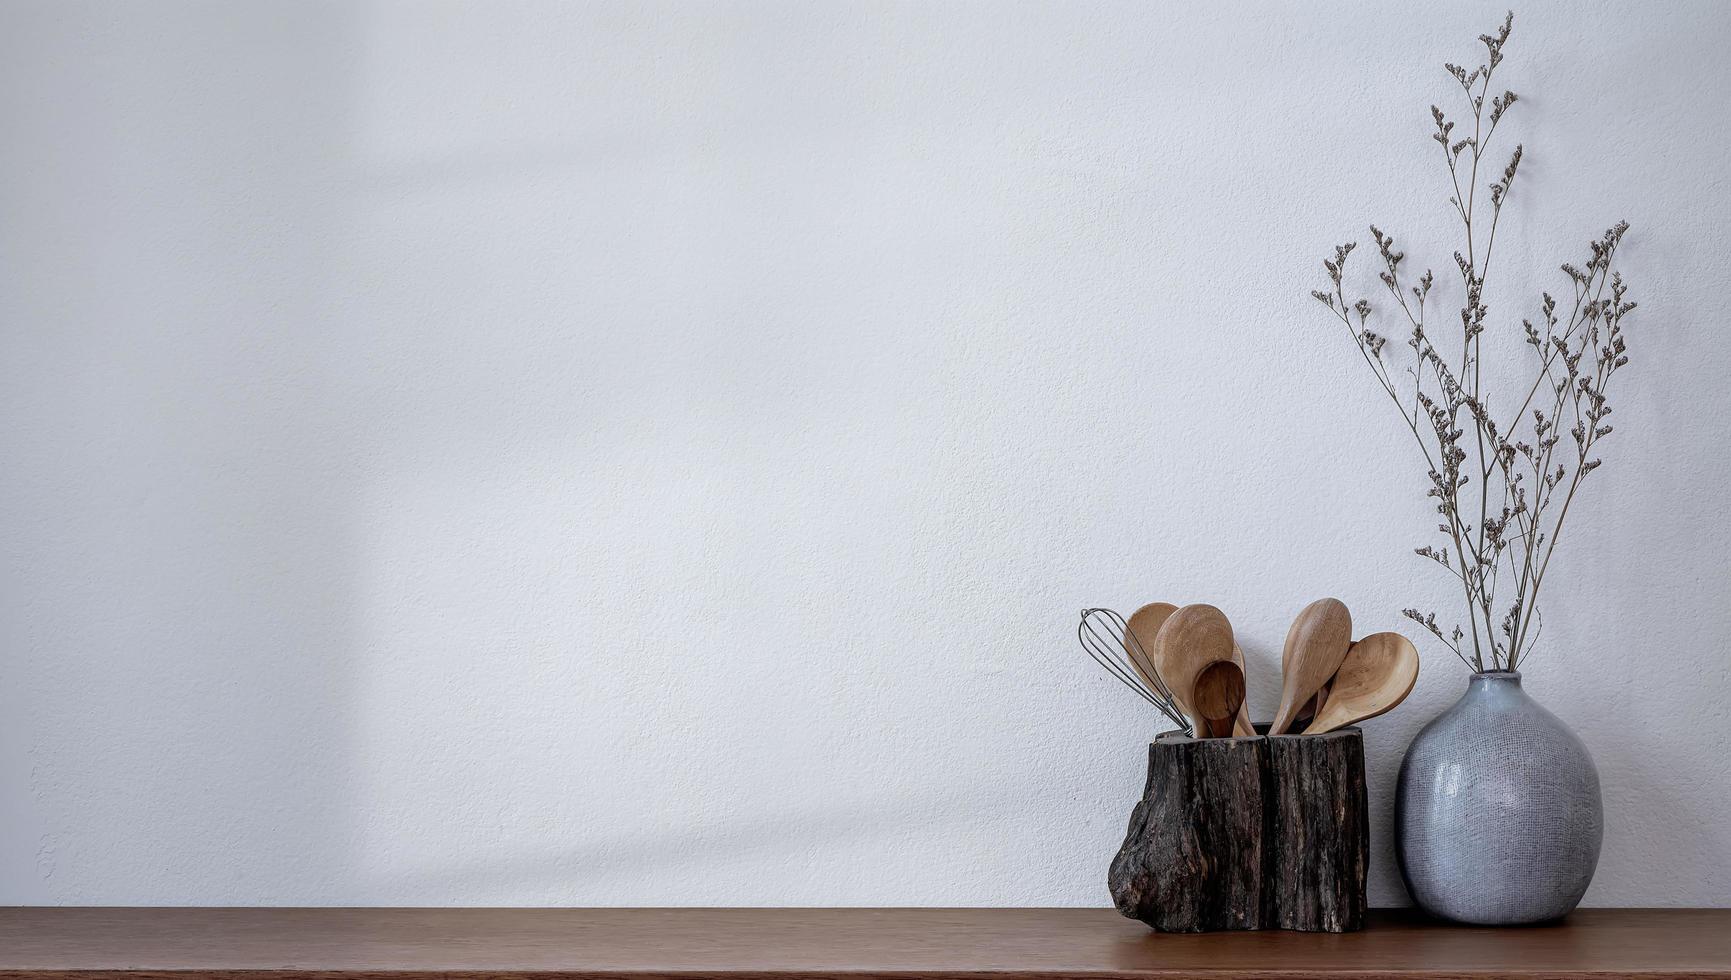 houten lepel en keramische vaas met ruimte foto